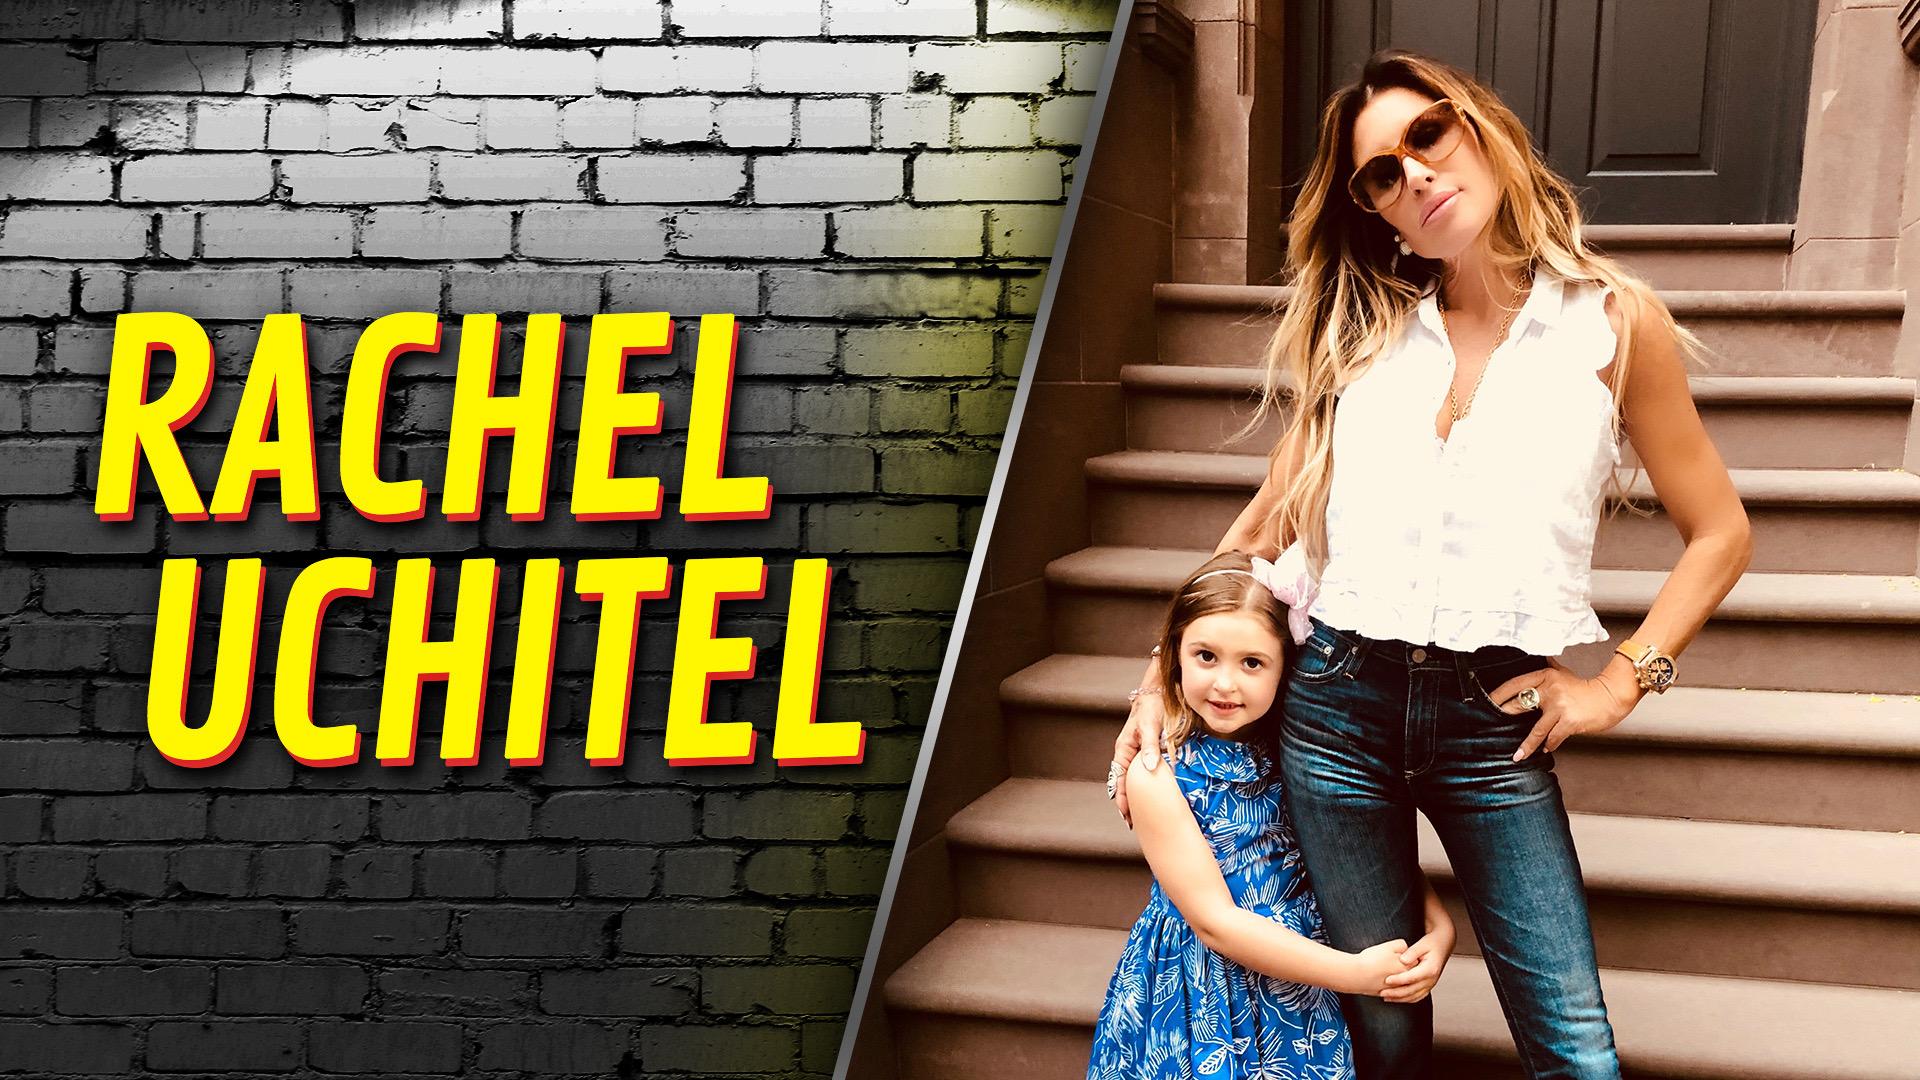 #YOULIVE 134 – Rachel Uchitel